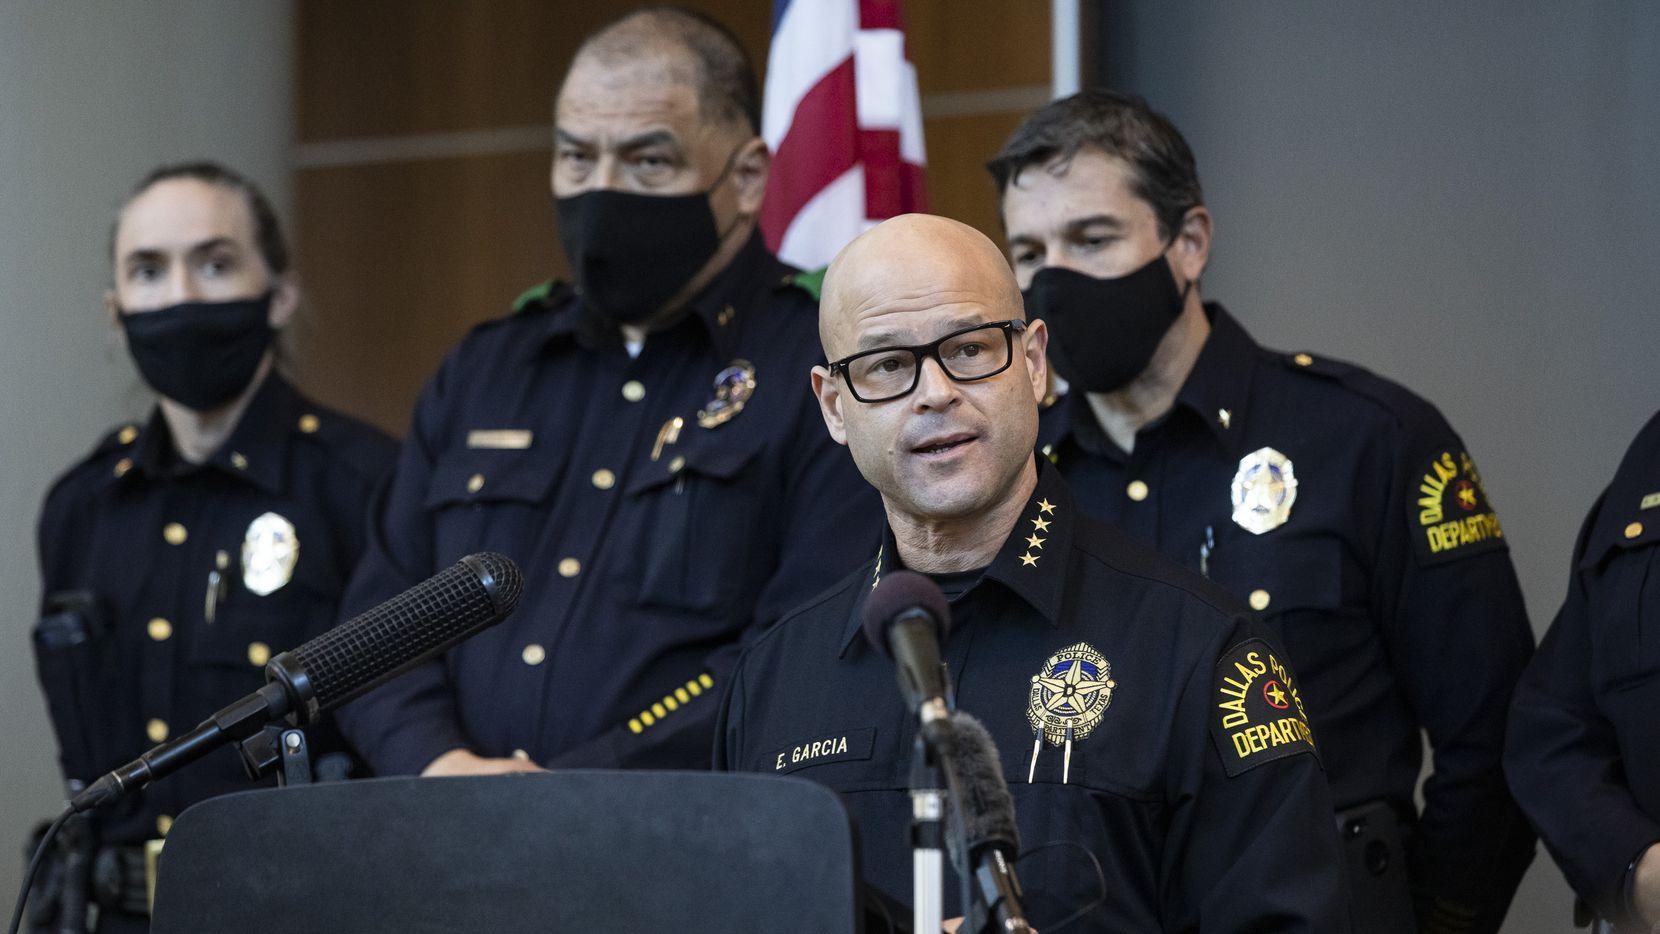 El jefe de policía Eddie García presentó el miércoles su plan para combatir el crimen ante el Concejo.